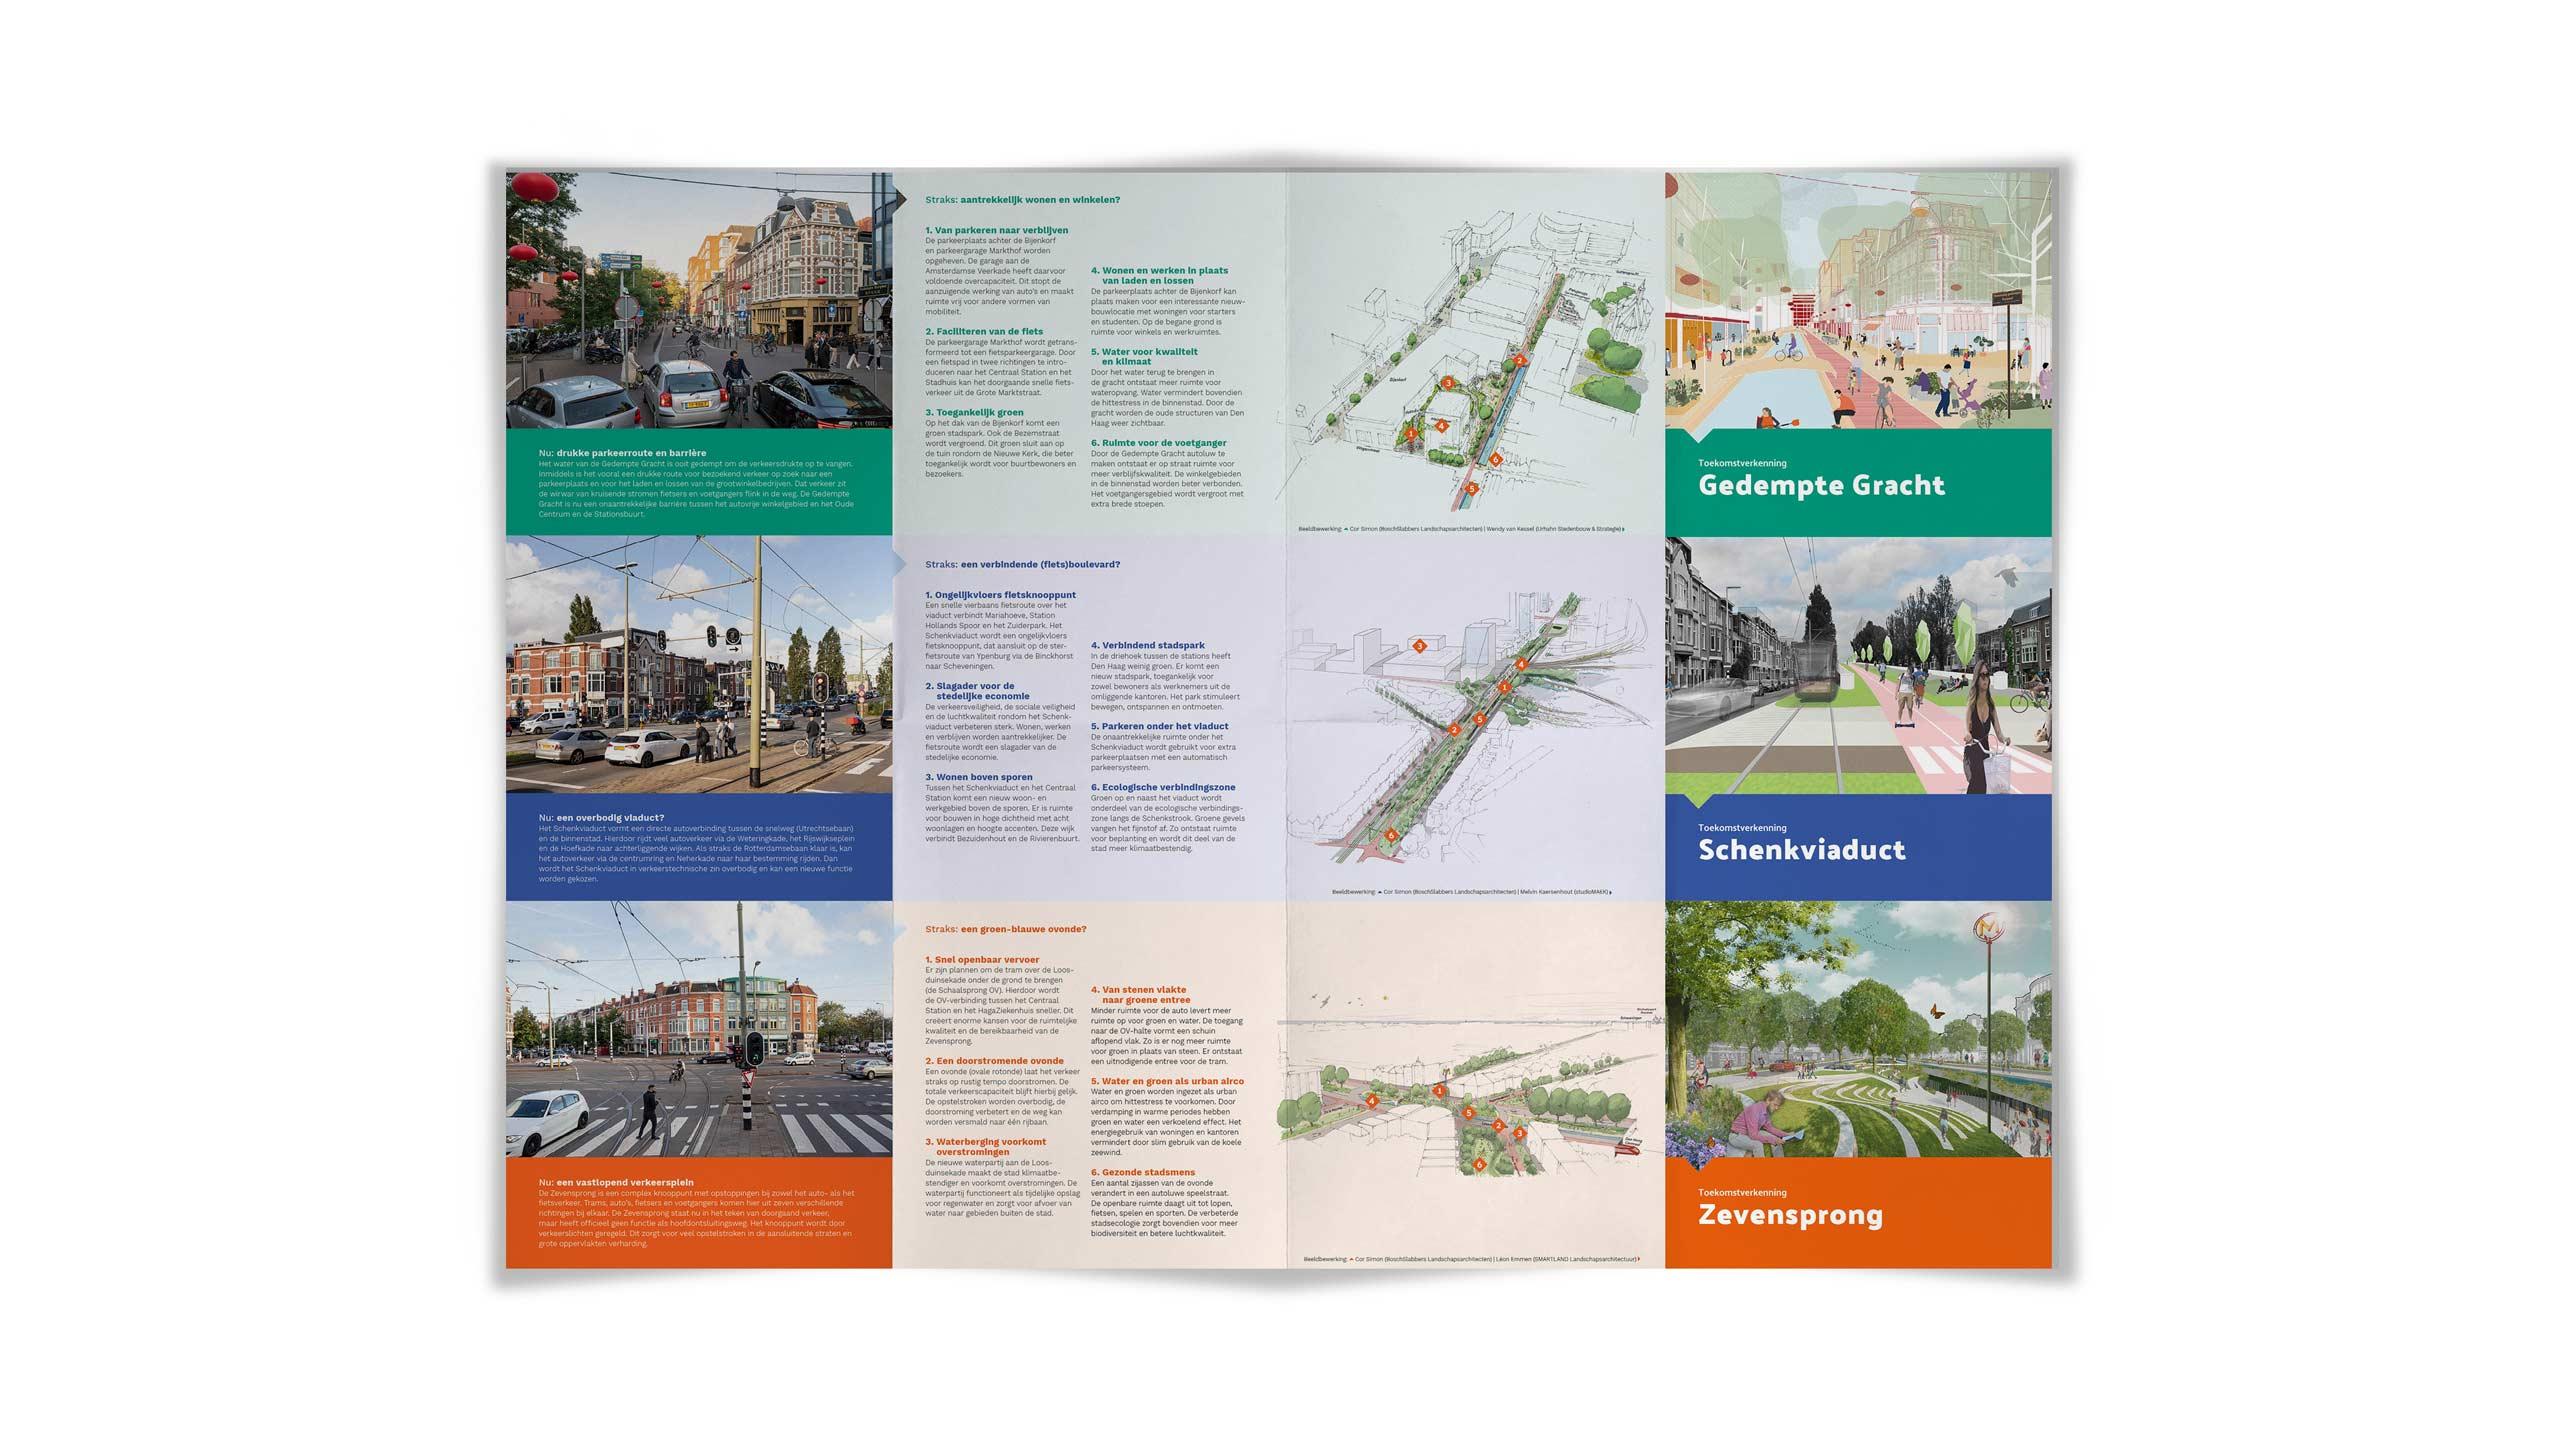 Platform STAD, Robert van Asten, Expositie, Studio DUEL